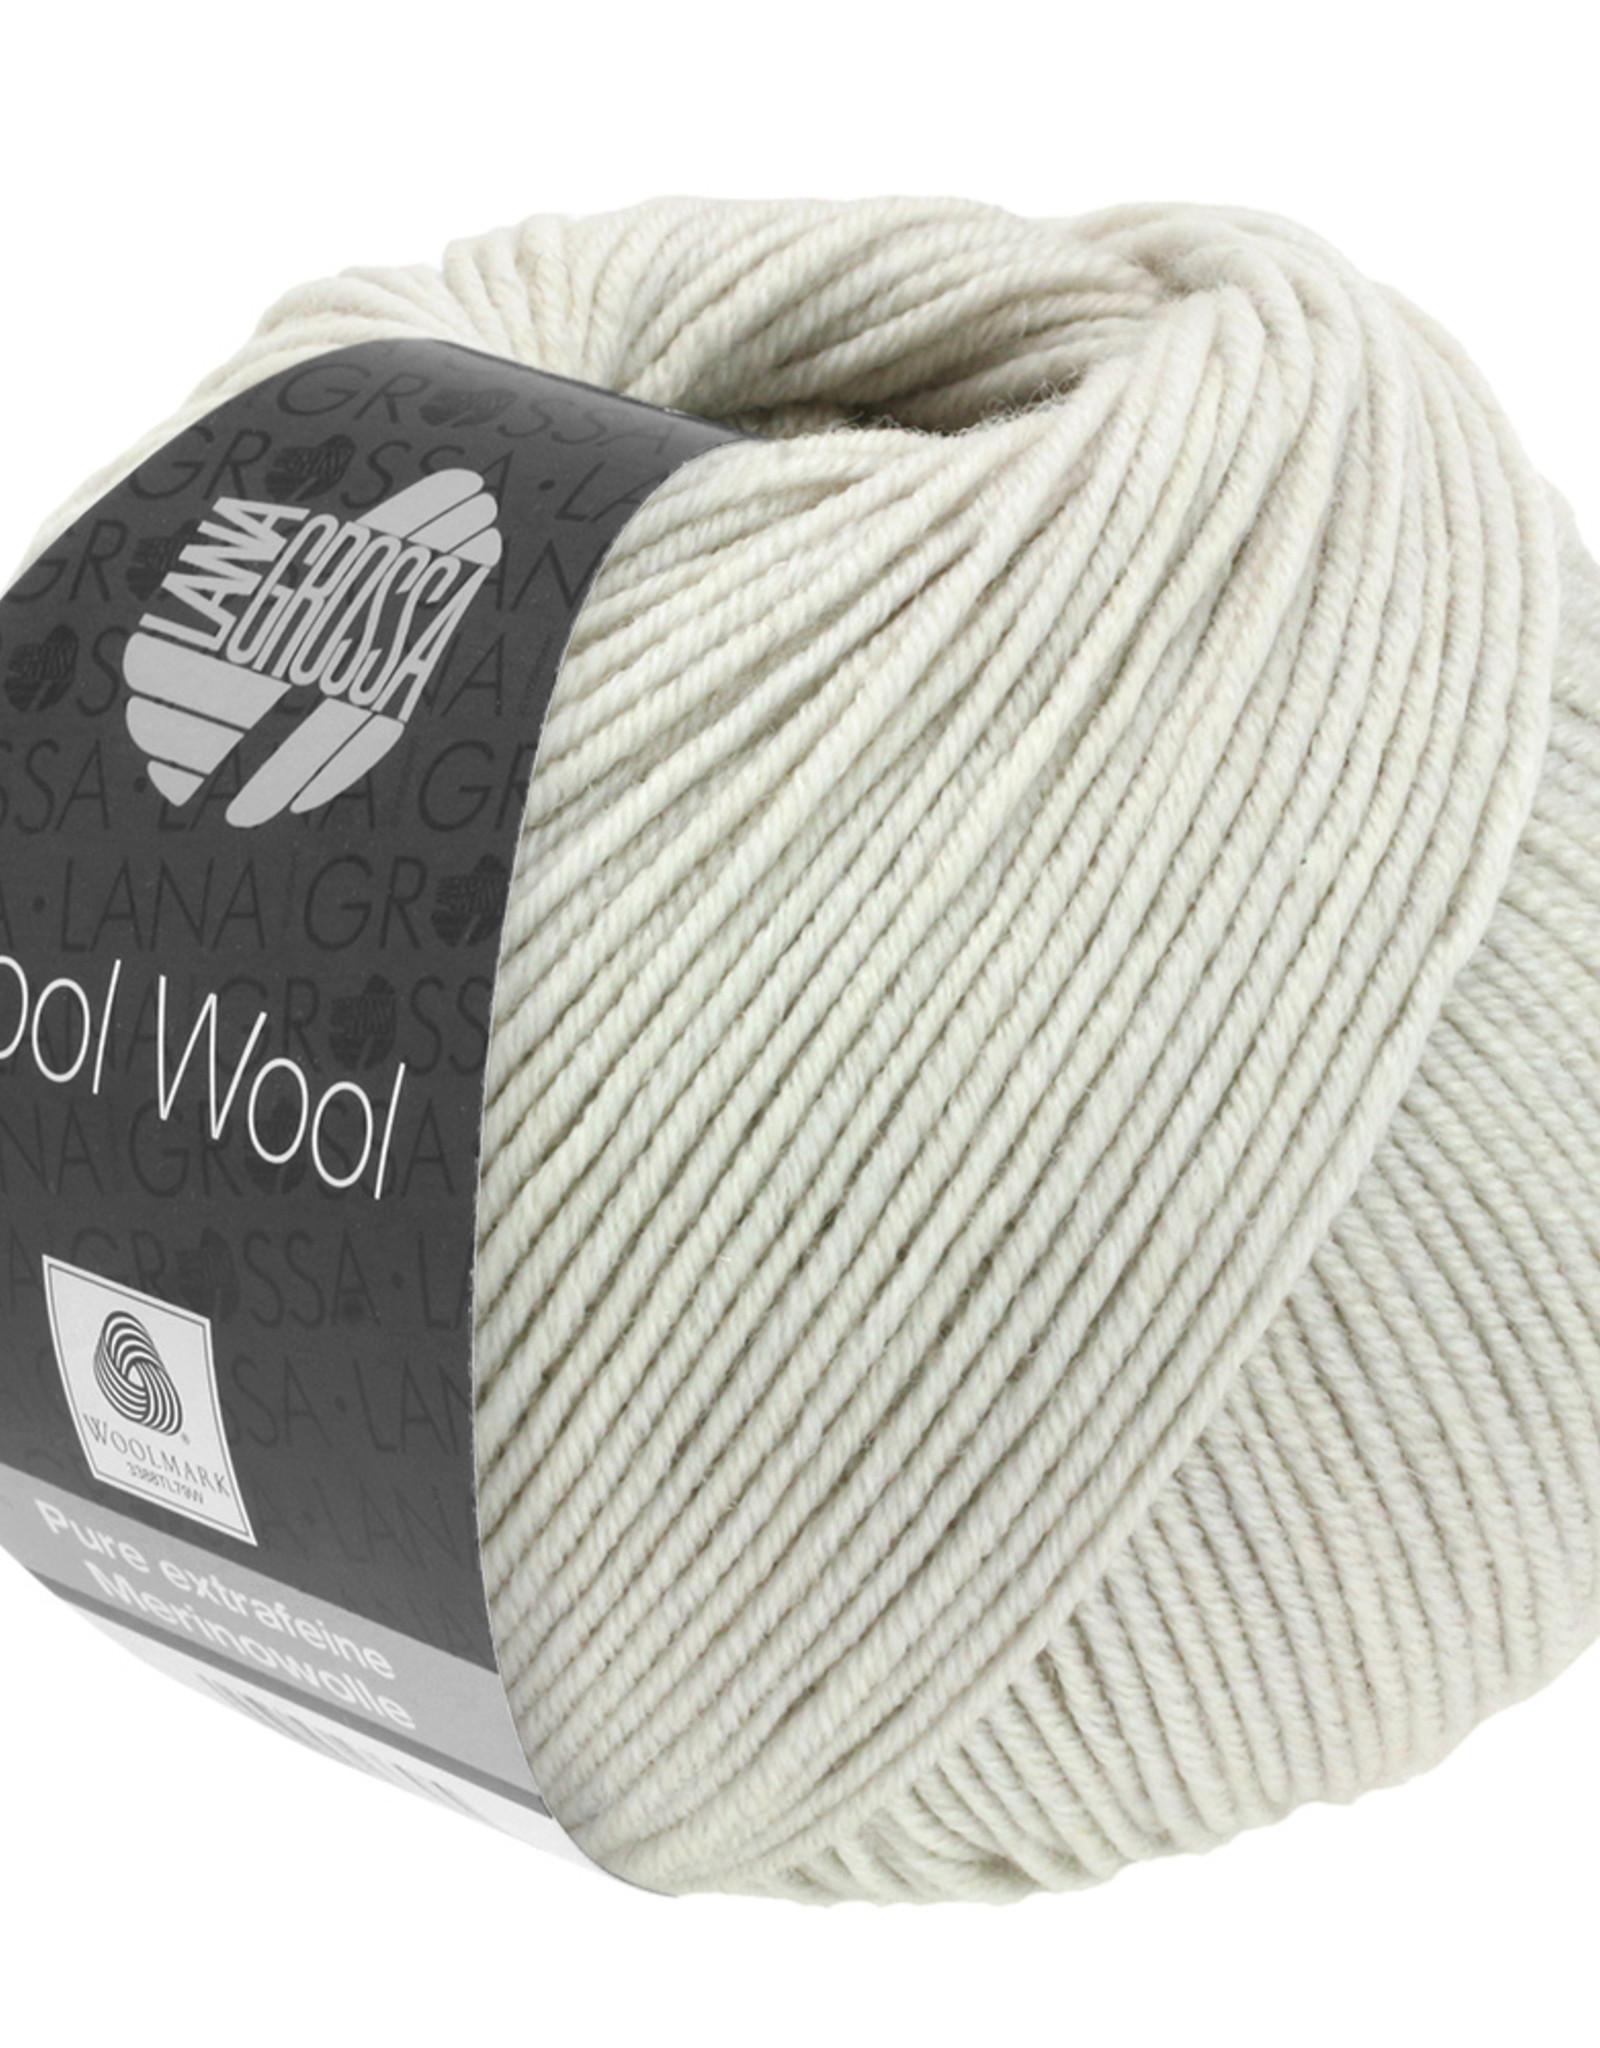 Lana Grossa Cool Wool trui met raglan pas, korte mouw